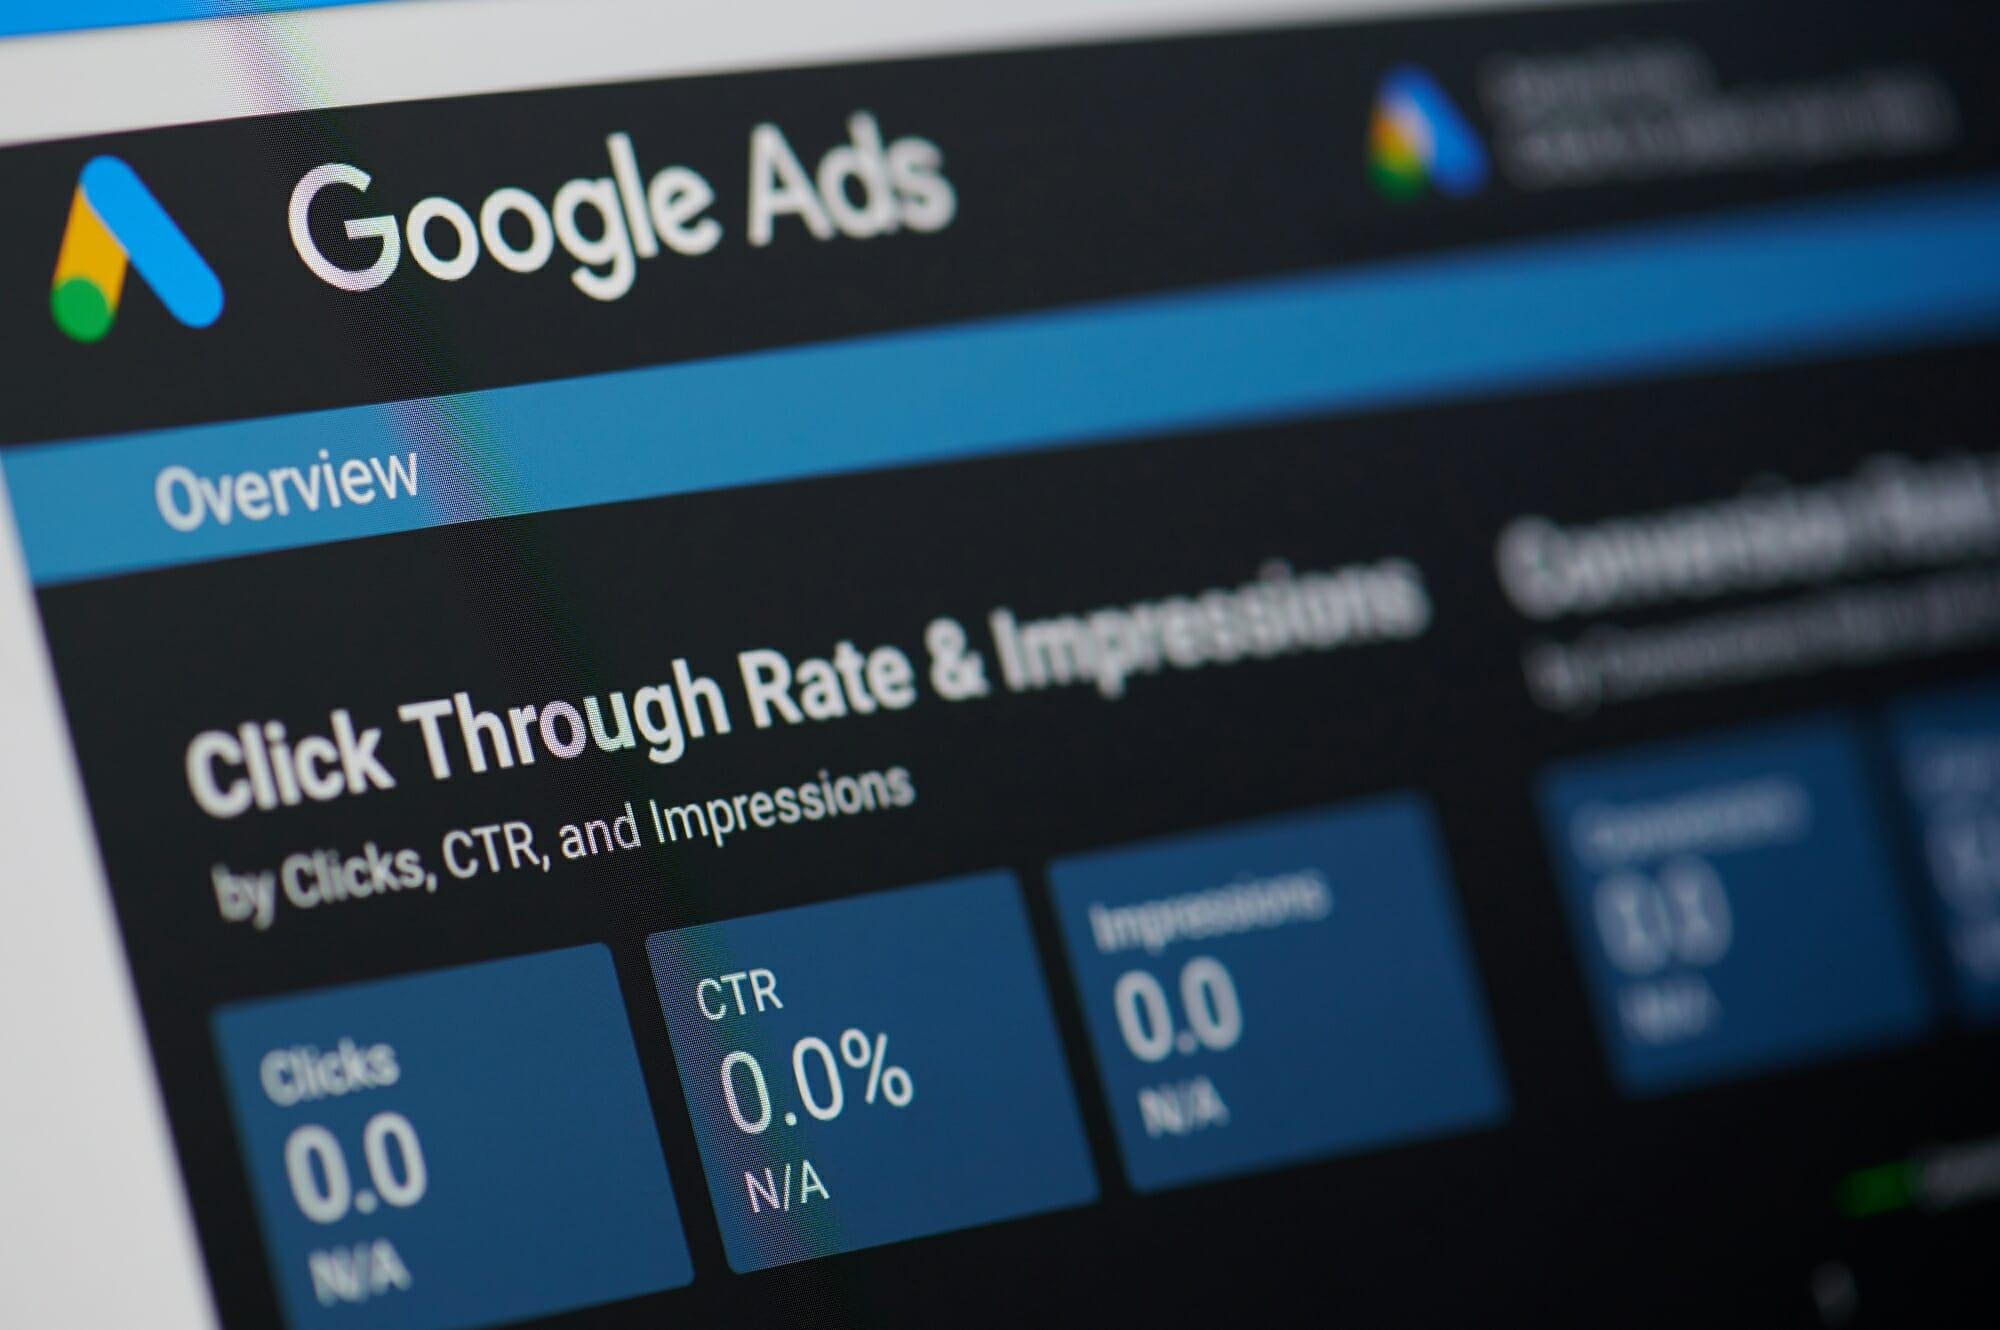 Google ads oglaševanje cena